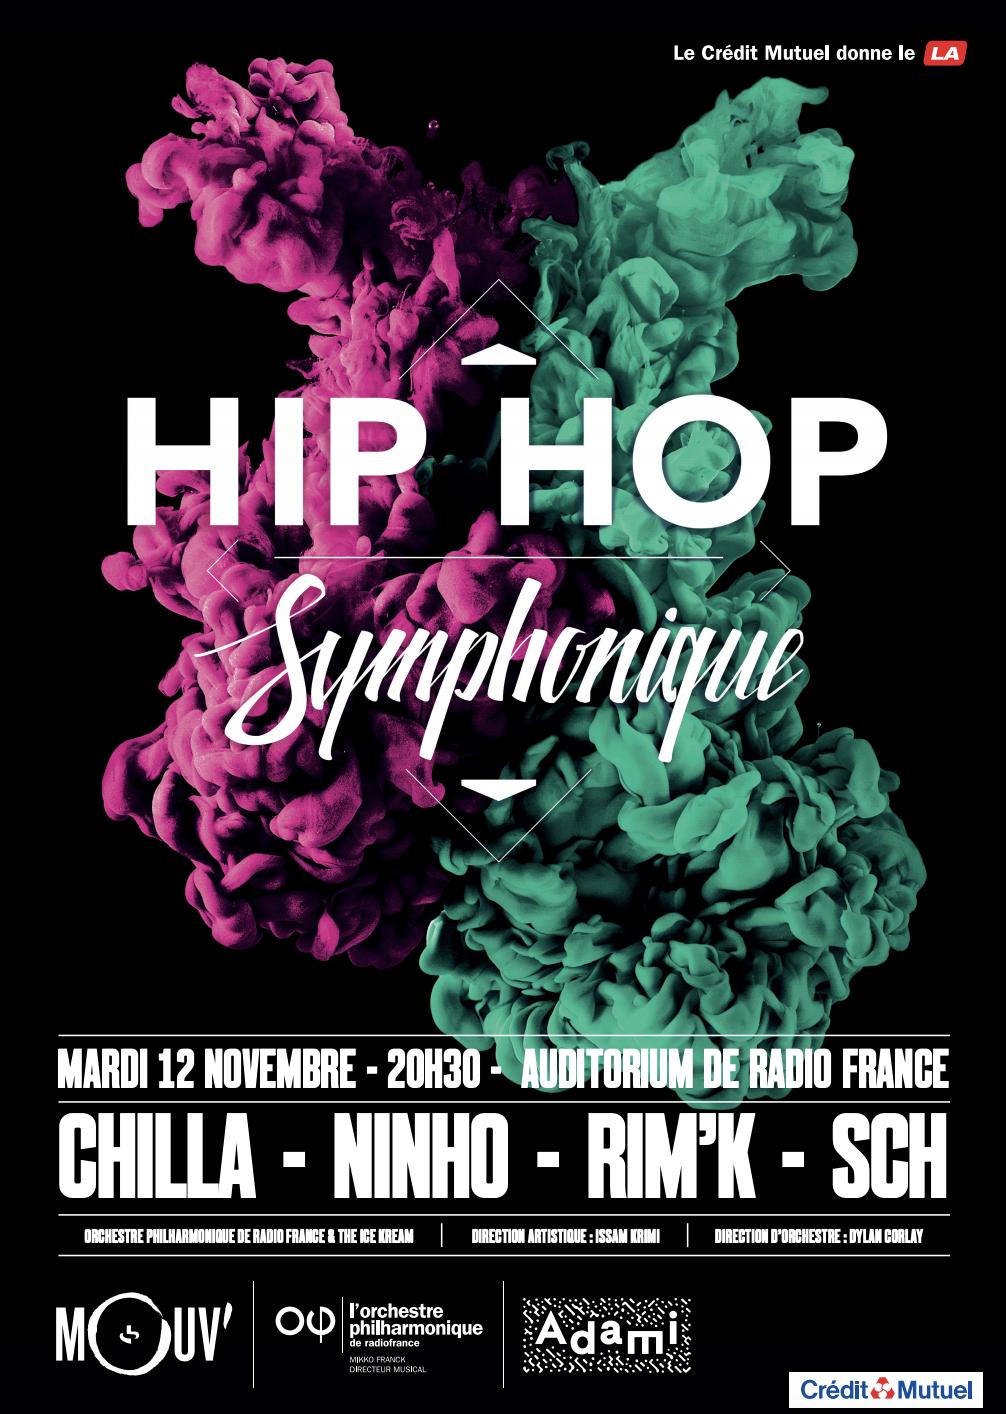 La 4e édition de Hip Hop Symphonique aura lieu le 12 novembre